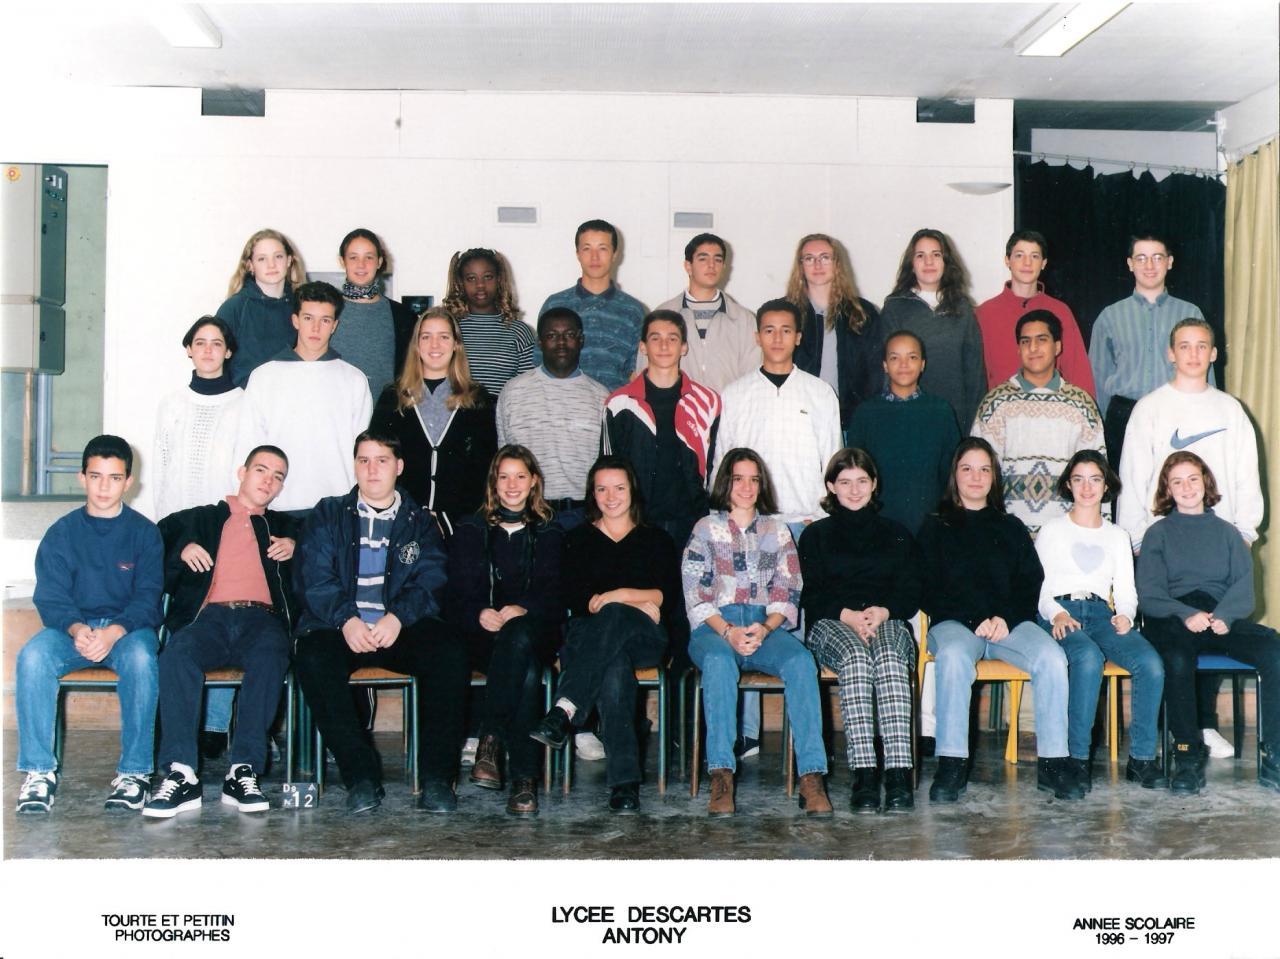 1997 - 2.11 - TOURTE